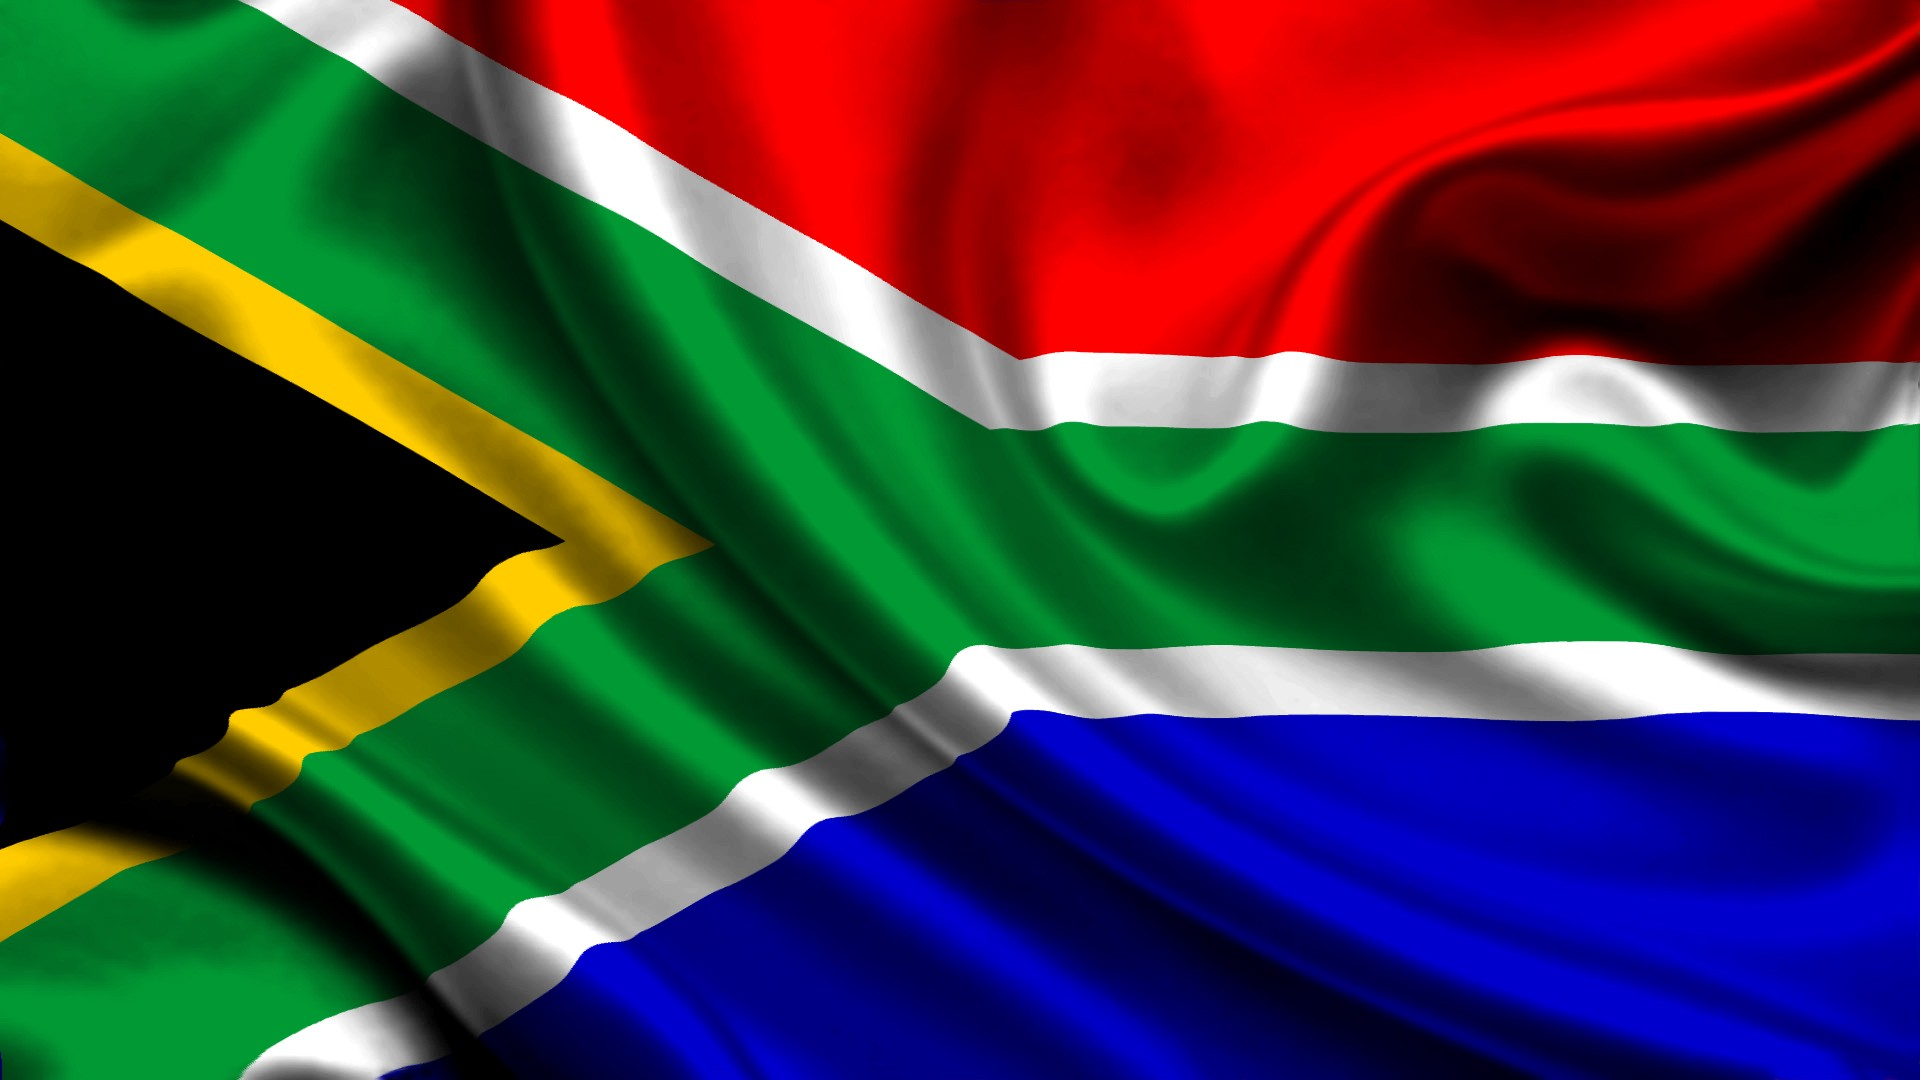 South Africa National Flag Desktop Backgrounds Wallpaper